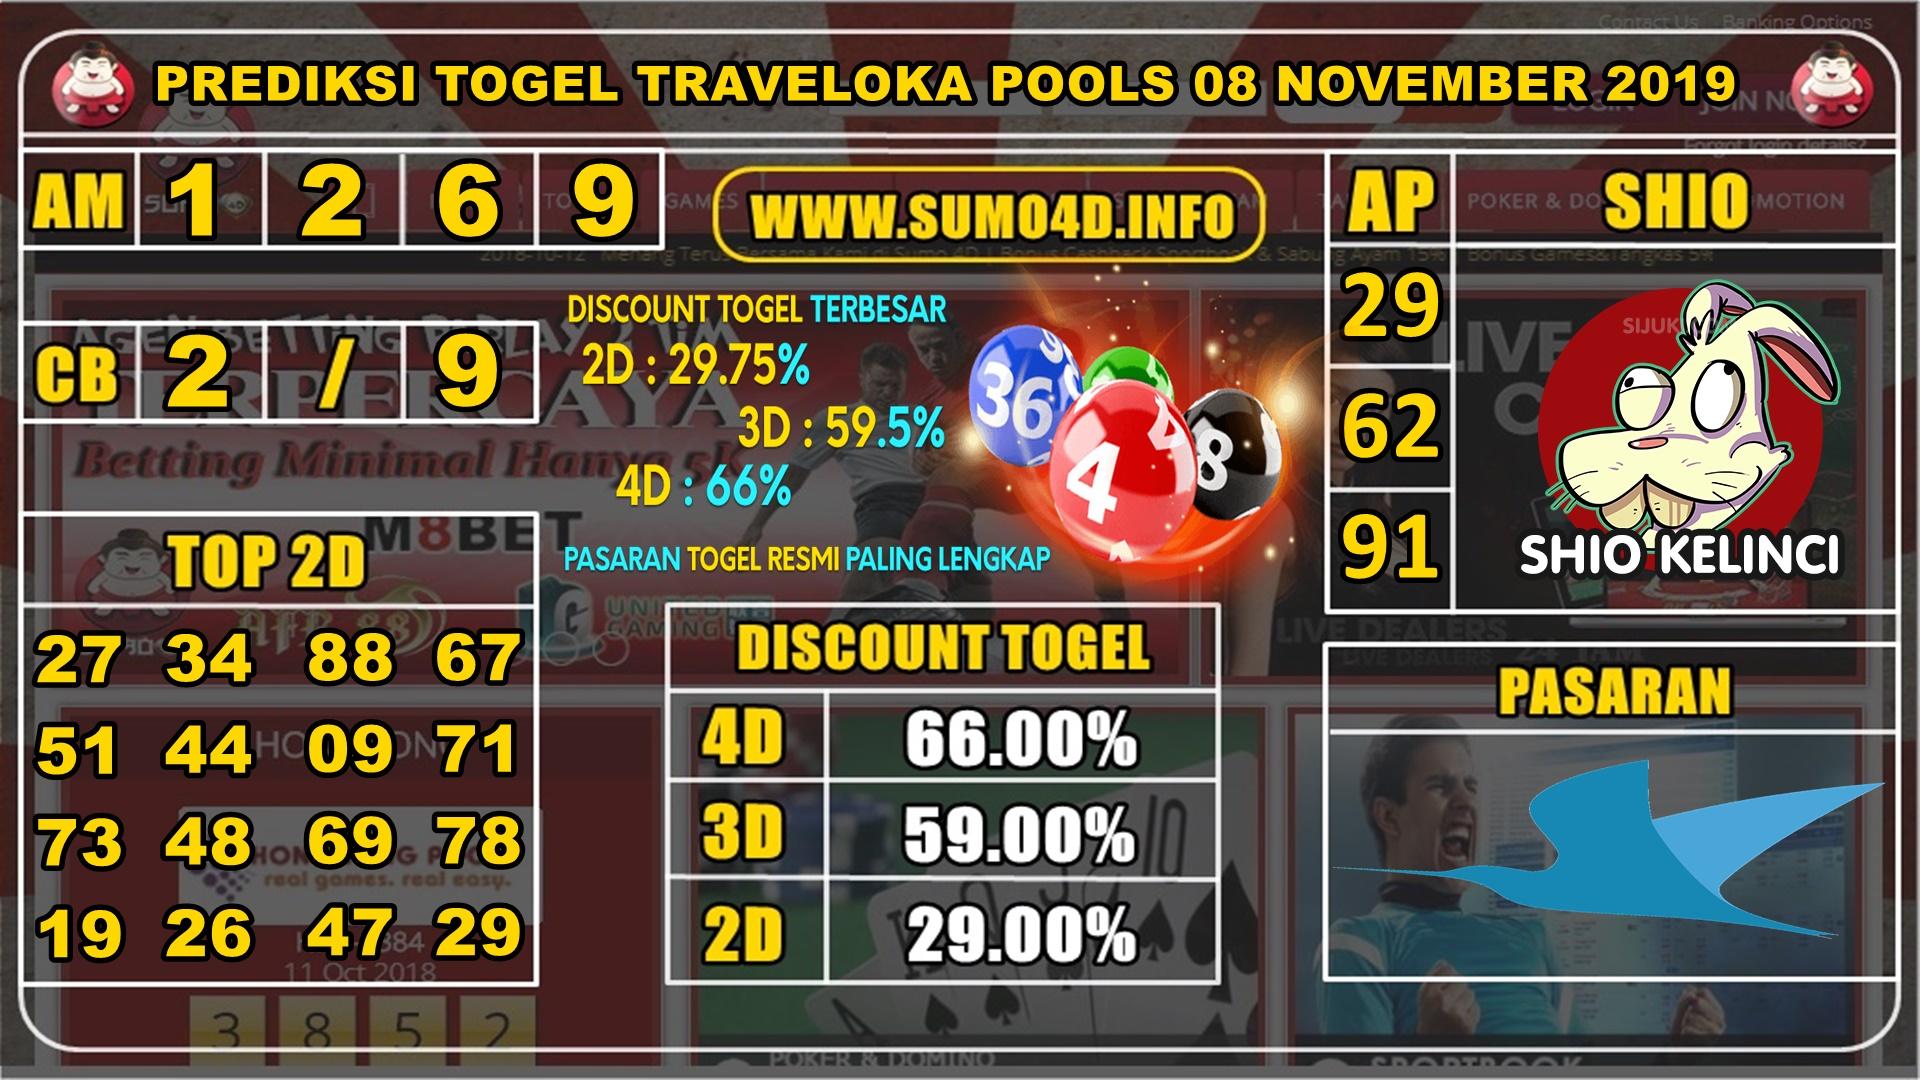 PREDIKSI TOGEL TRAVELOKA POOLS 08 NOVEMBER 2019